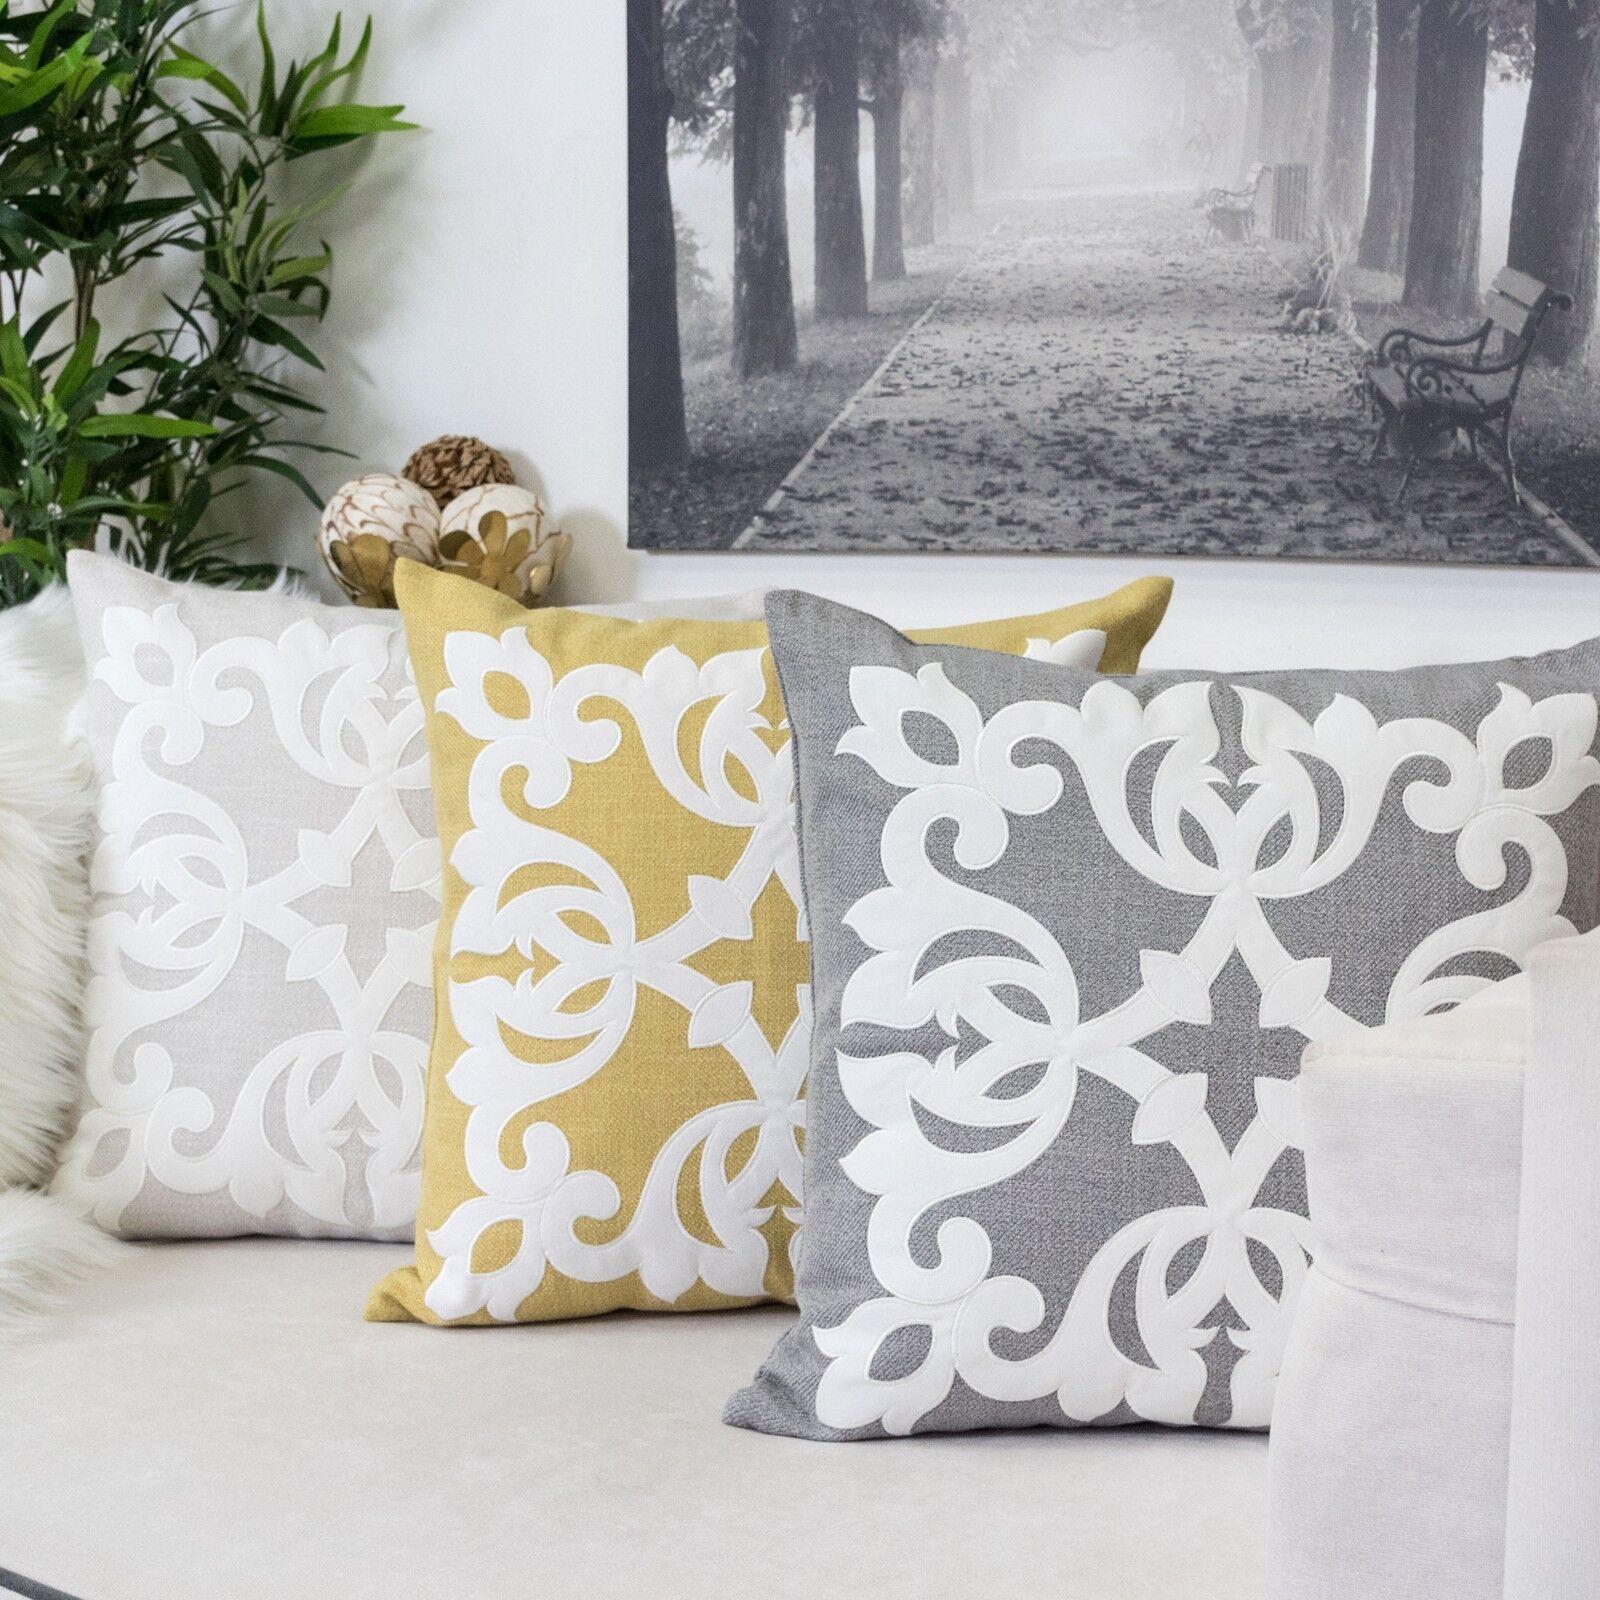 applique lima floral linen pillow cover large